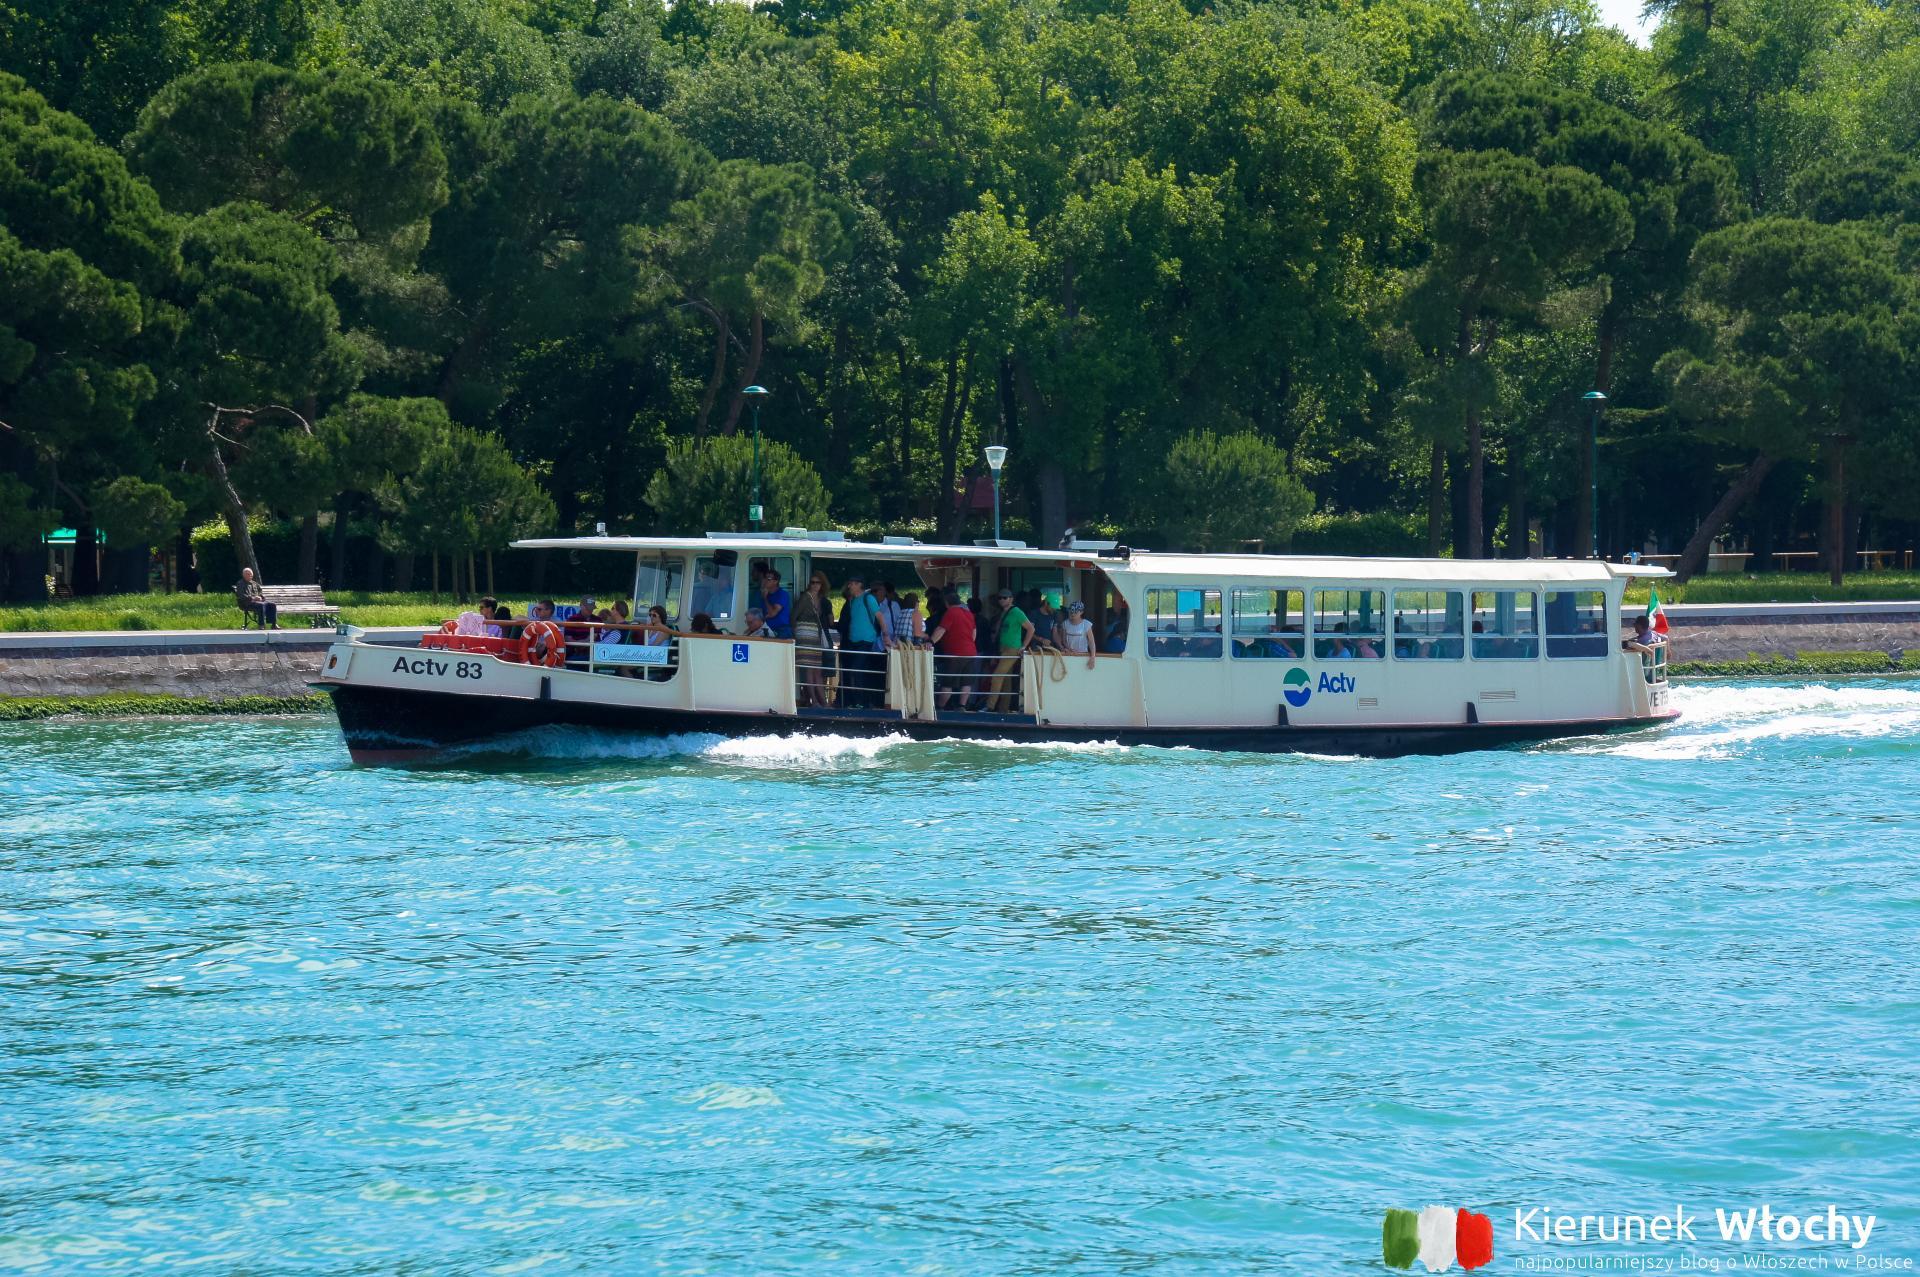 Jak dopłynąć statkiem z Punta Sabbioni do Wenecji? Do wyboru są tramwaje wodne miejskiego przewoźnika ACTV lub prywatne statki Il Doge di Venezia